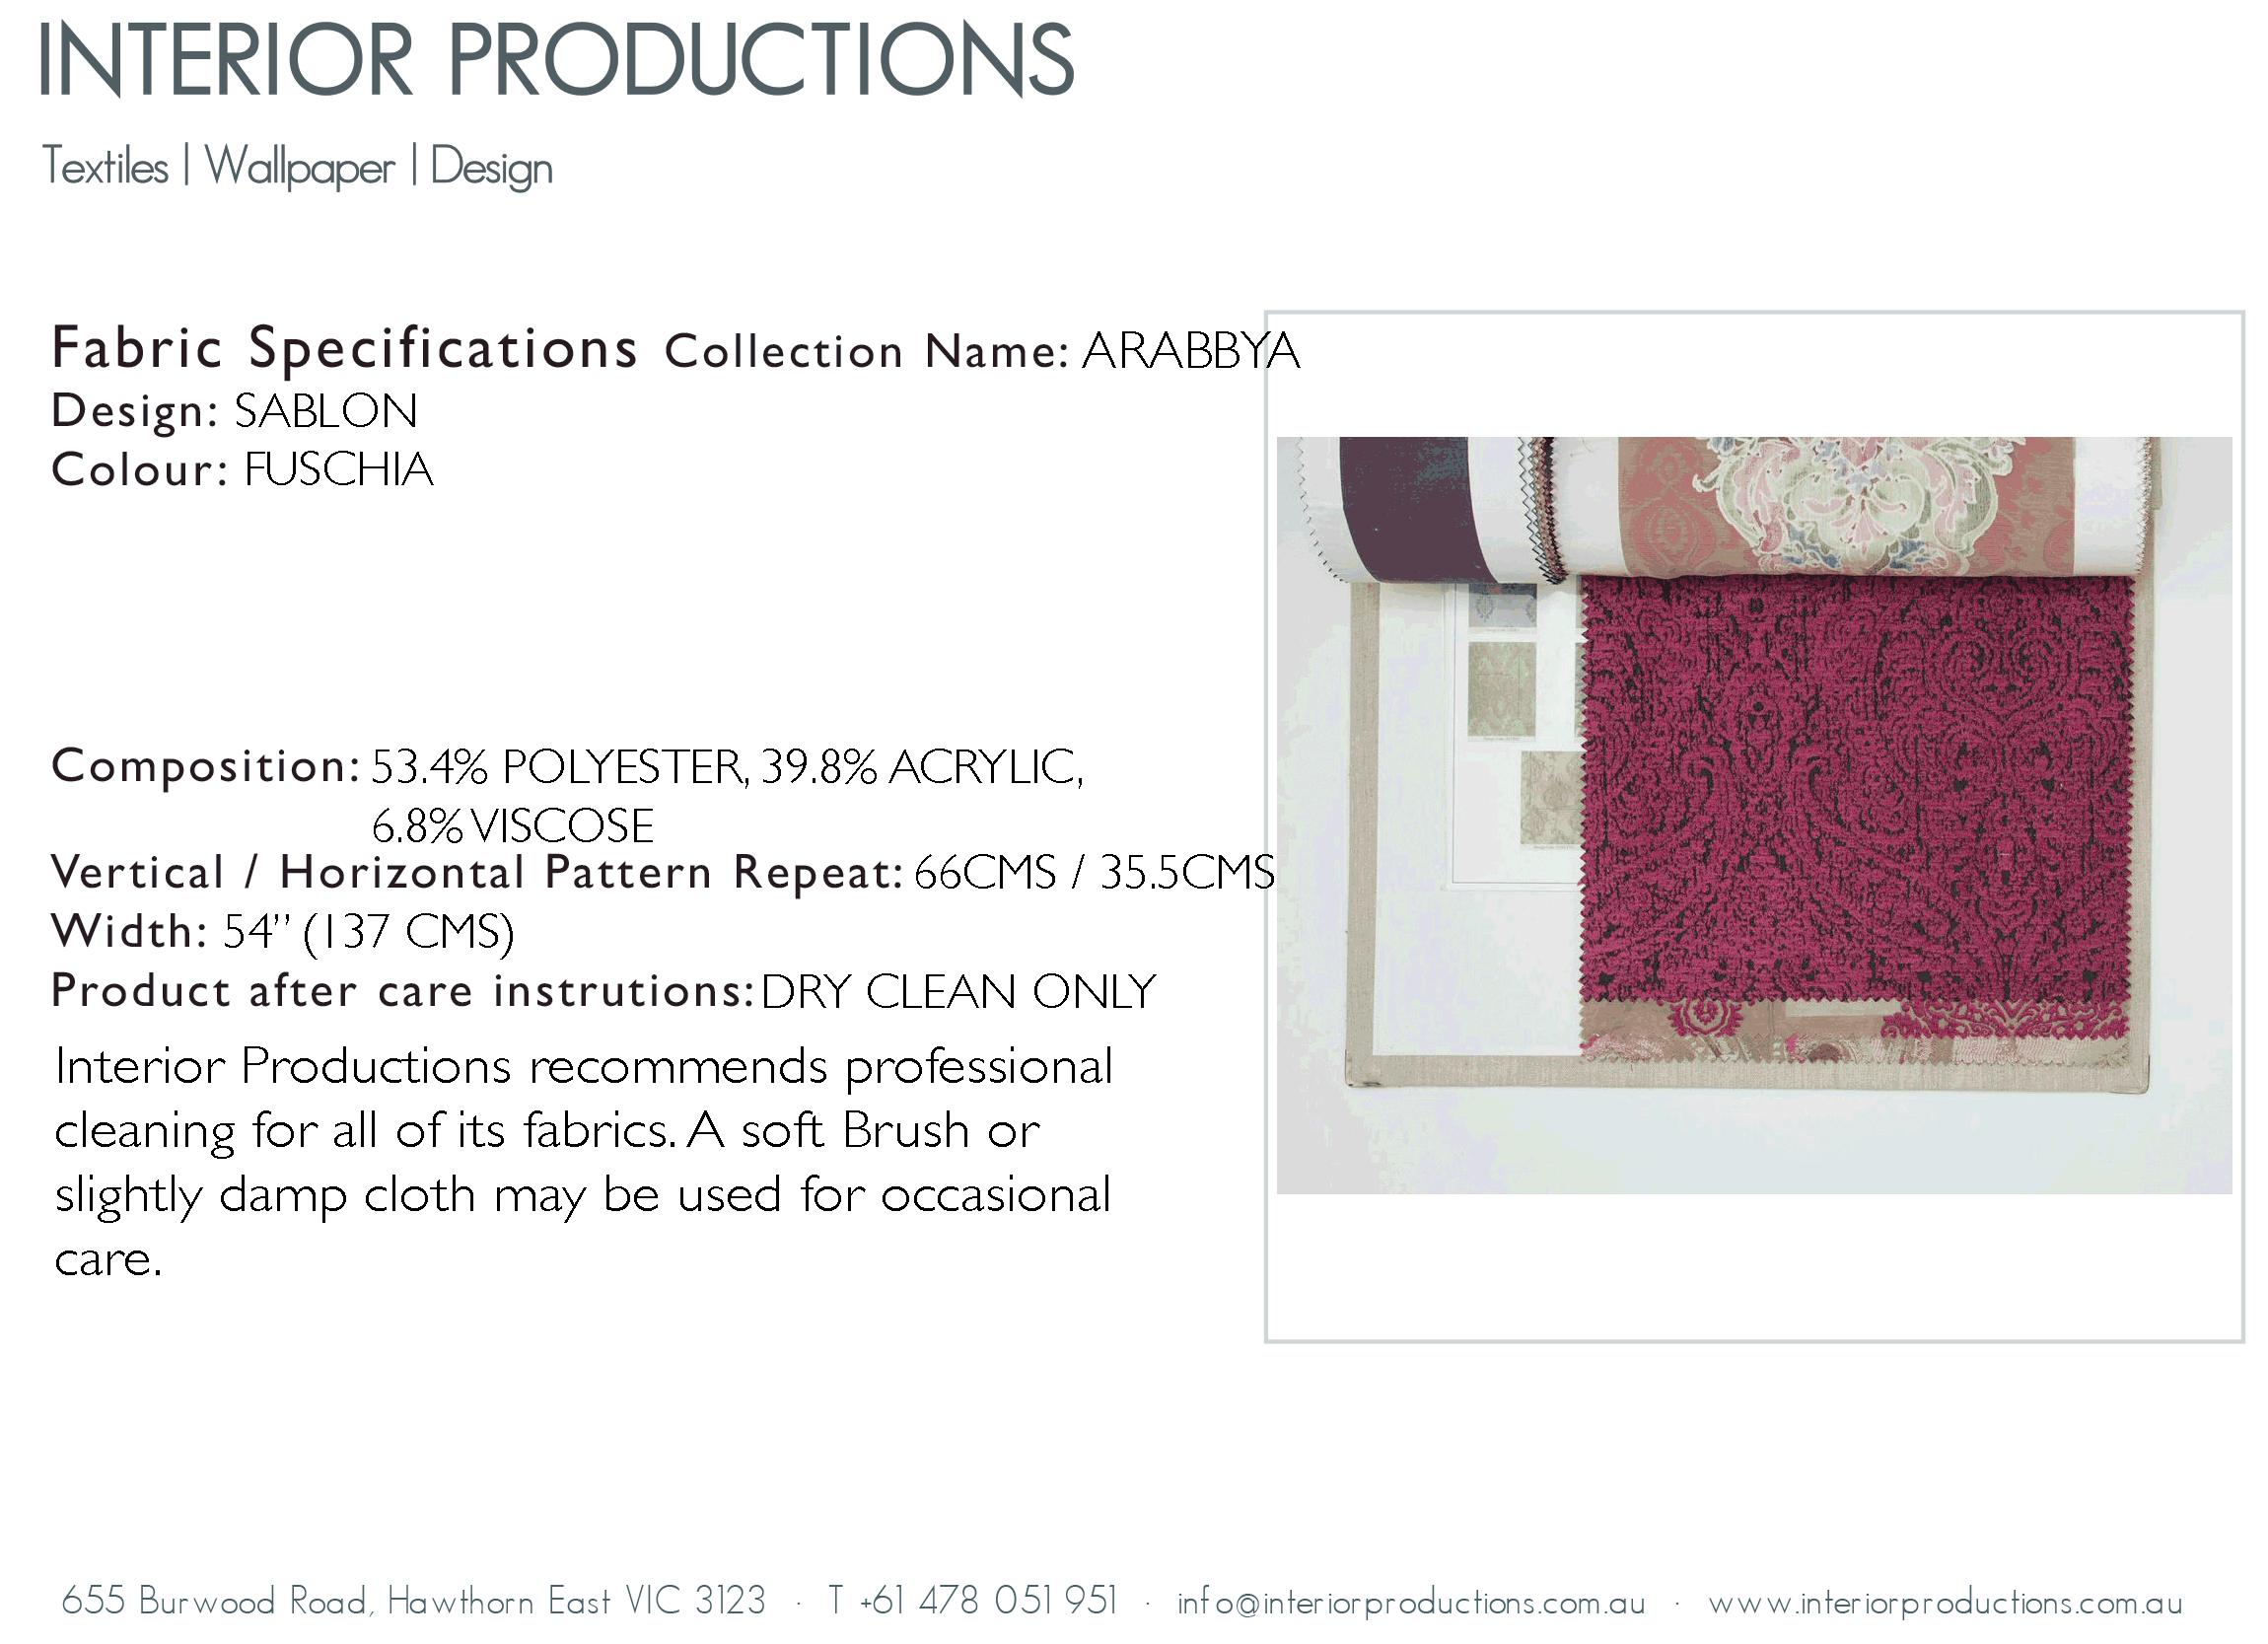 interior_productions_SABLON---FUSCHIA